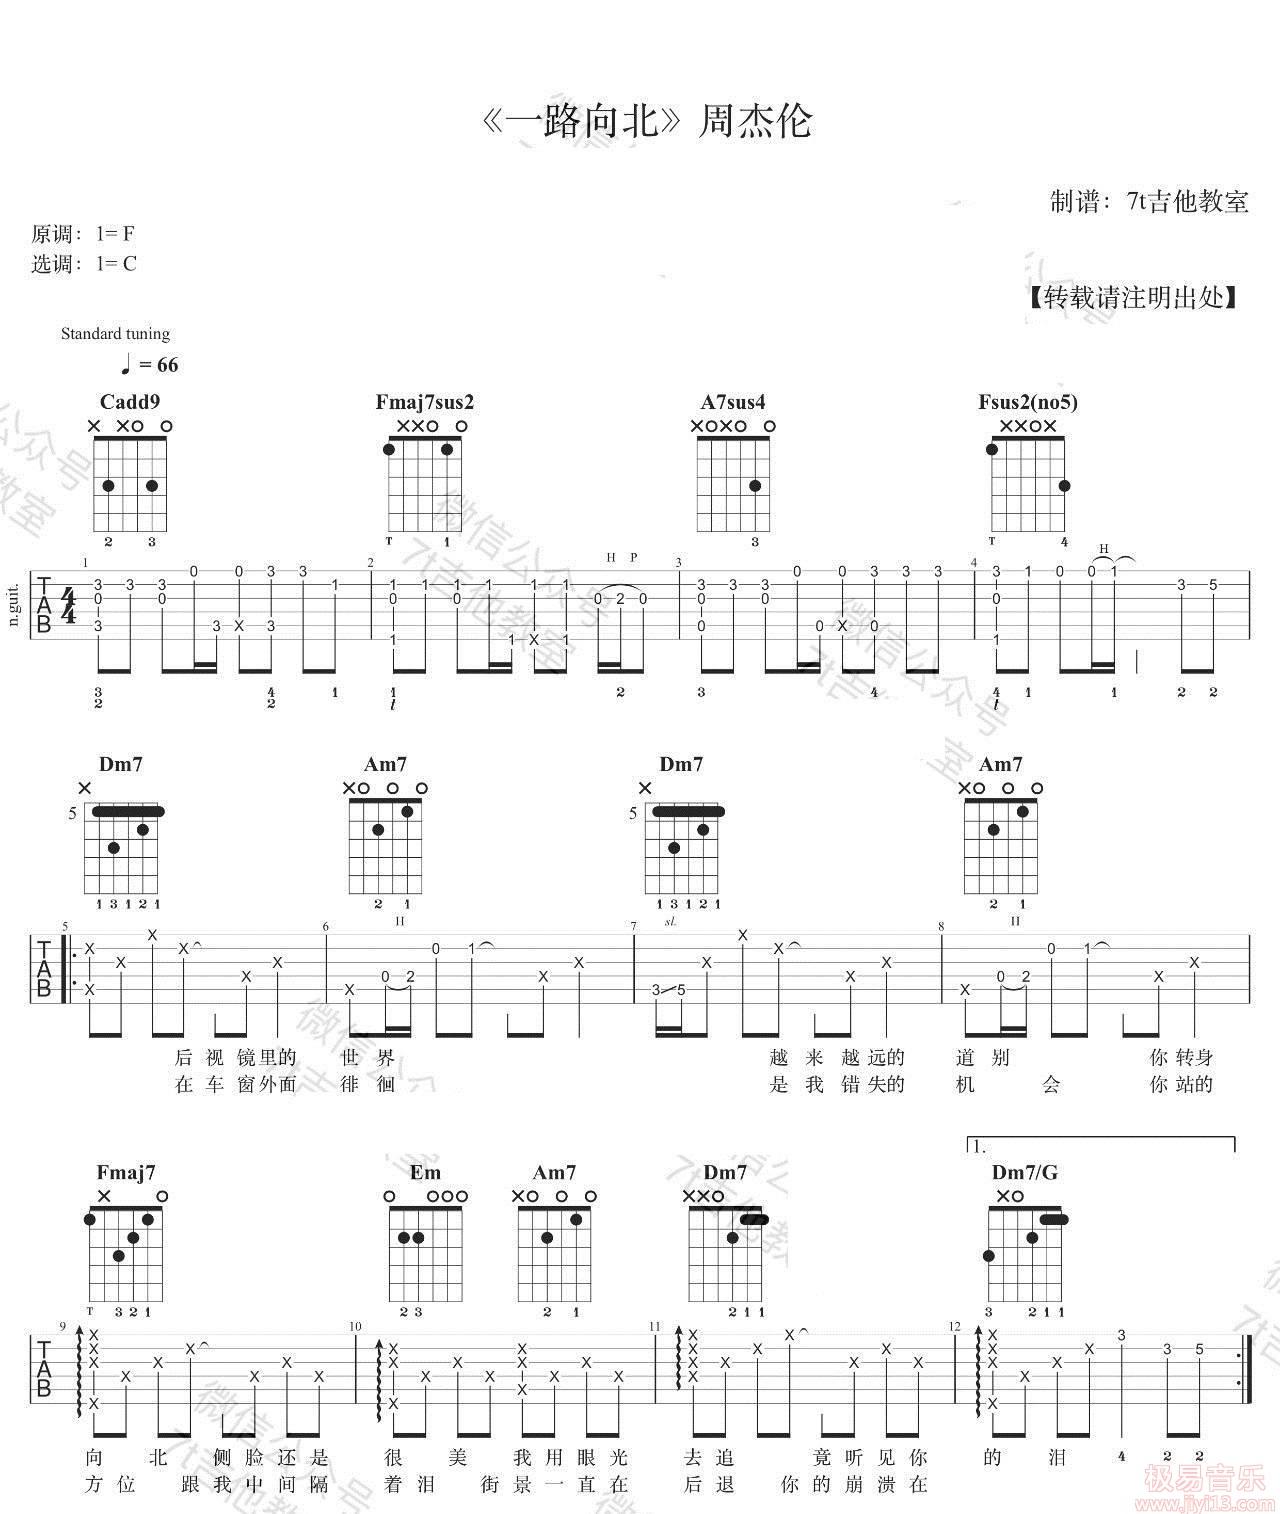 周杰伦《一路向北》高清吉他弹唱谱C调完美版原版编配+视频示范